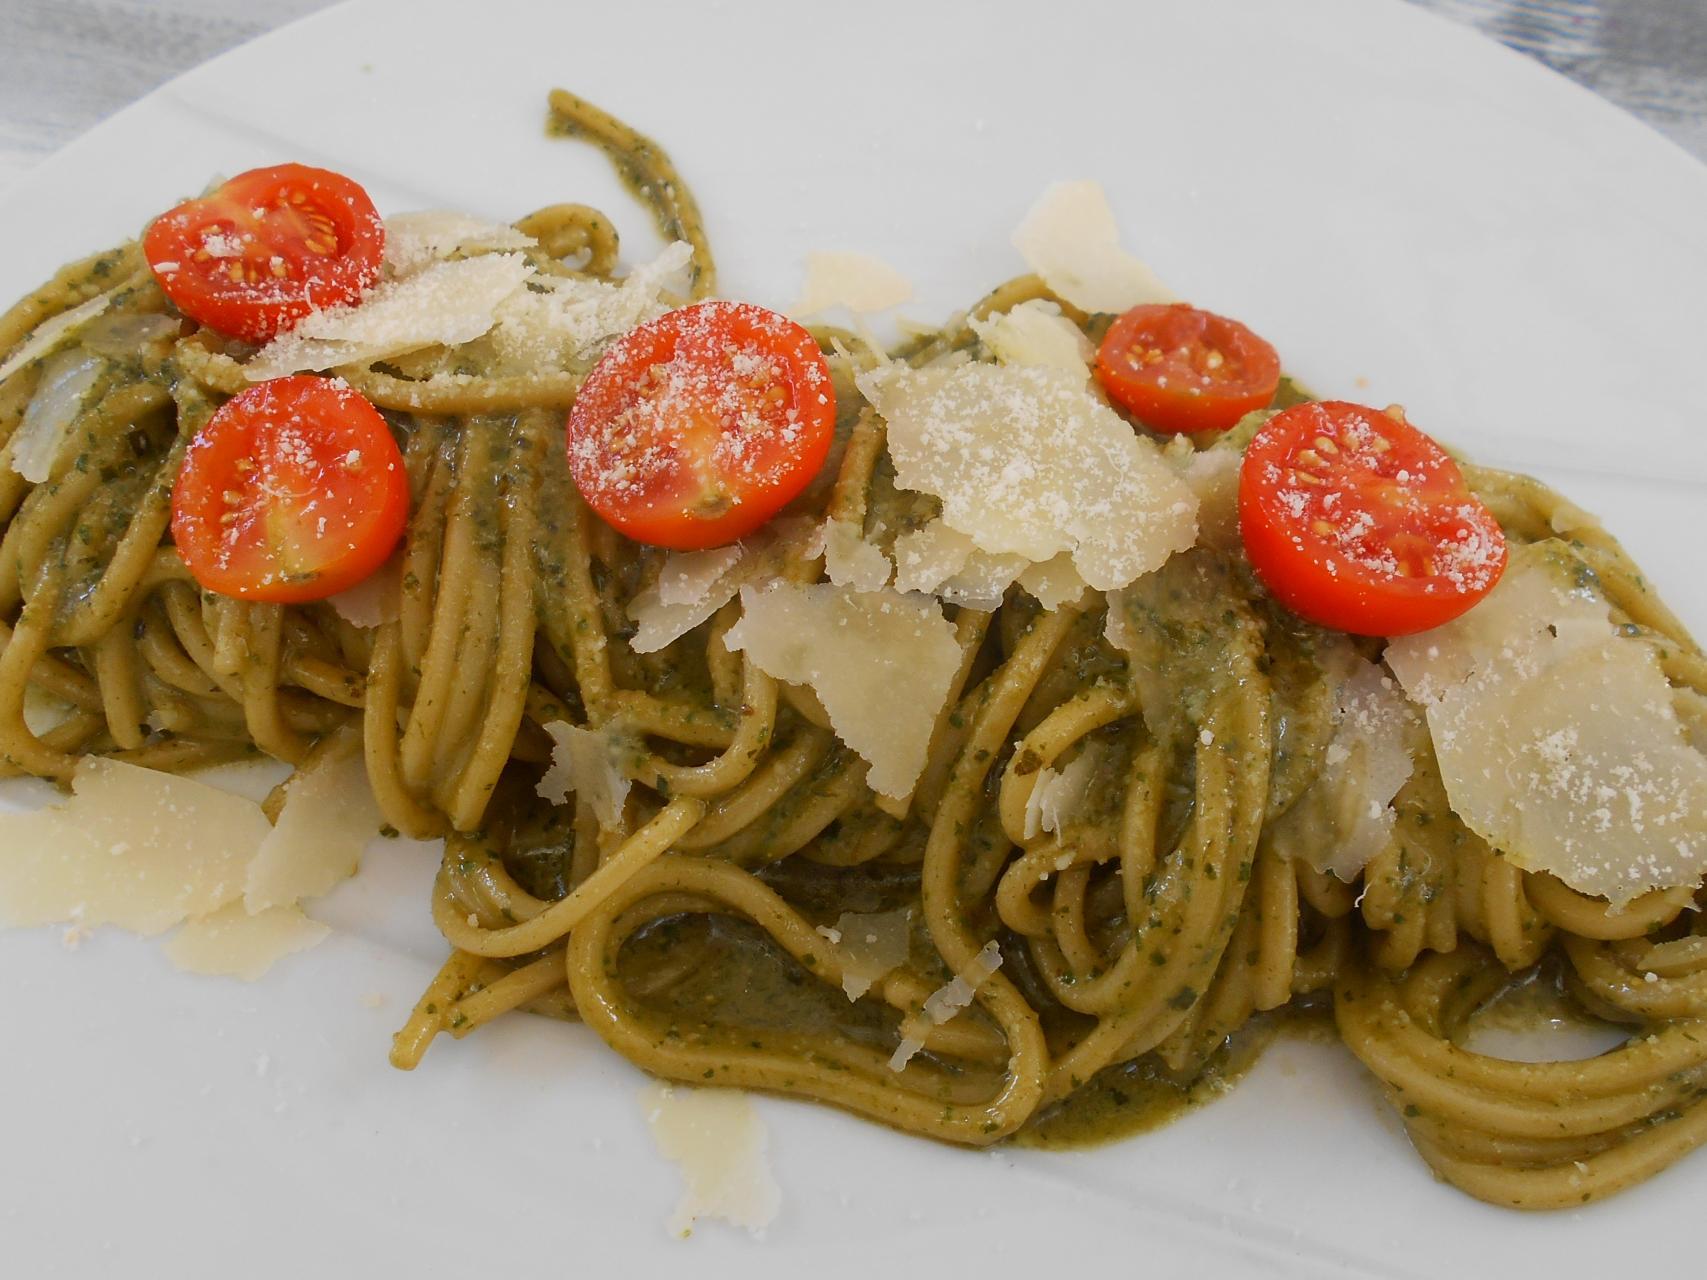 Manuel Caporale's spaghetti with pesto.